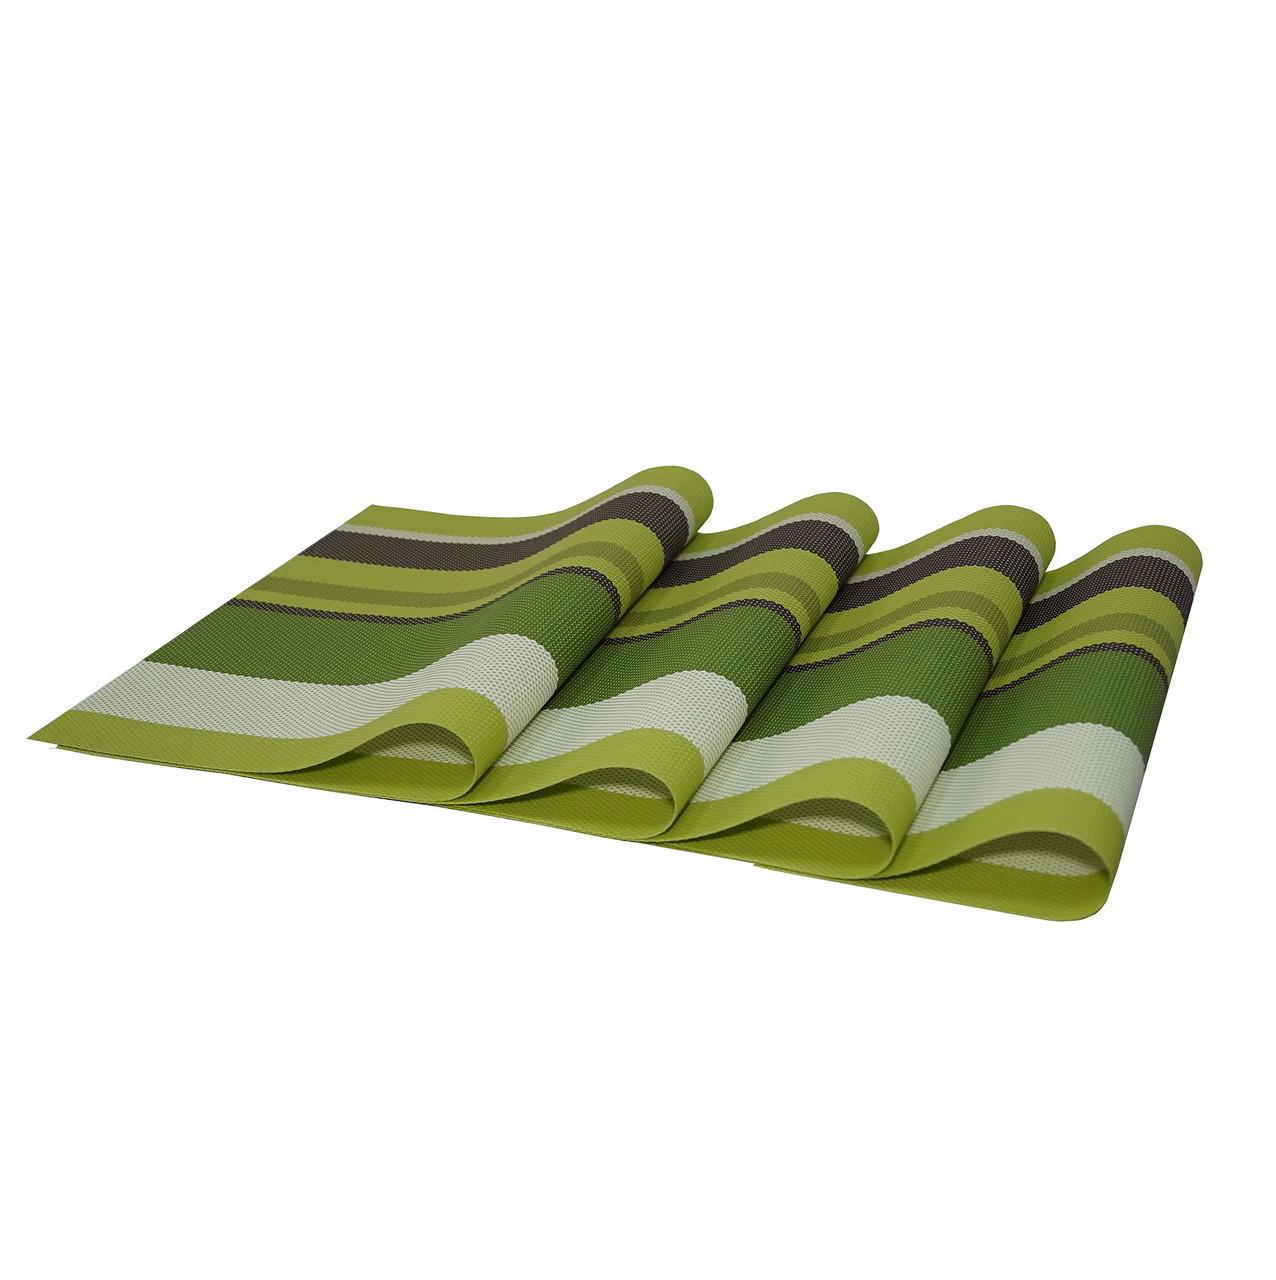 Коврики под тарелки, сервировочные, подставки под горячее, 4 шт., цвет - Салатово-зеленый (ST)